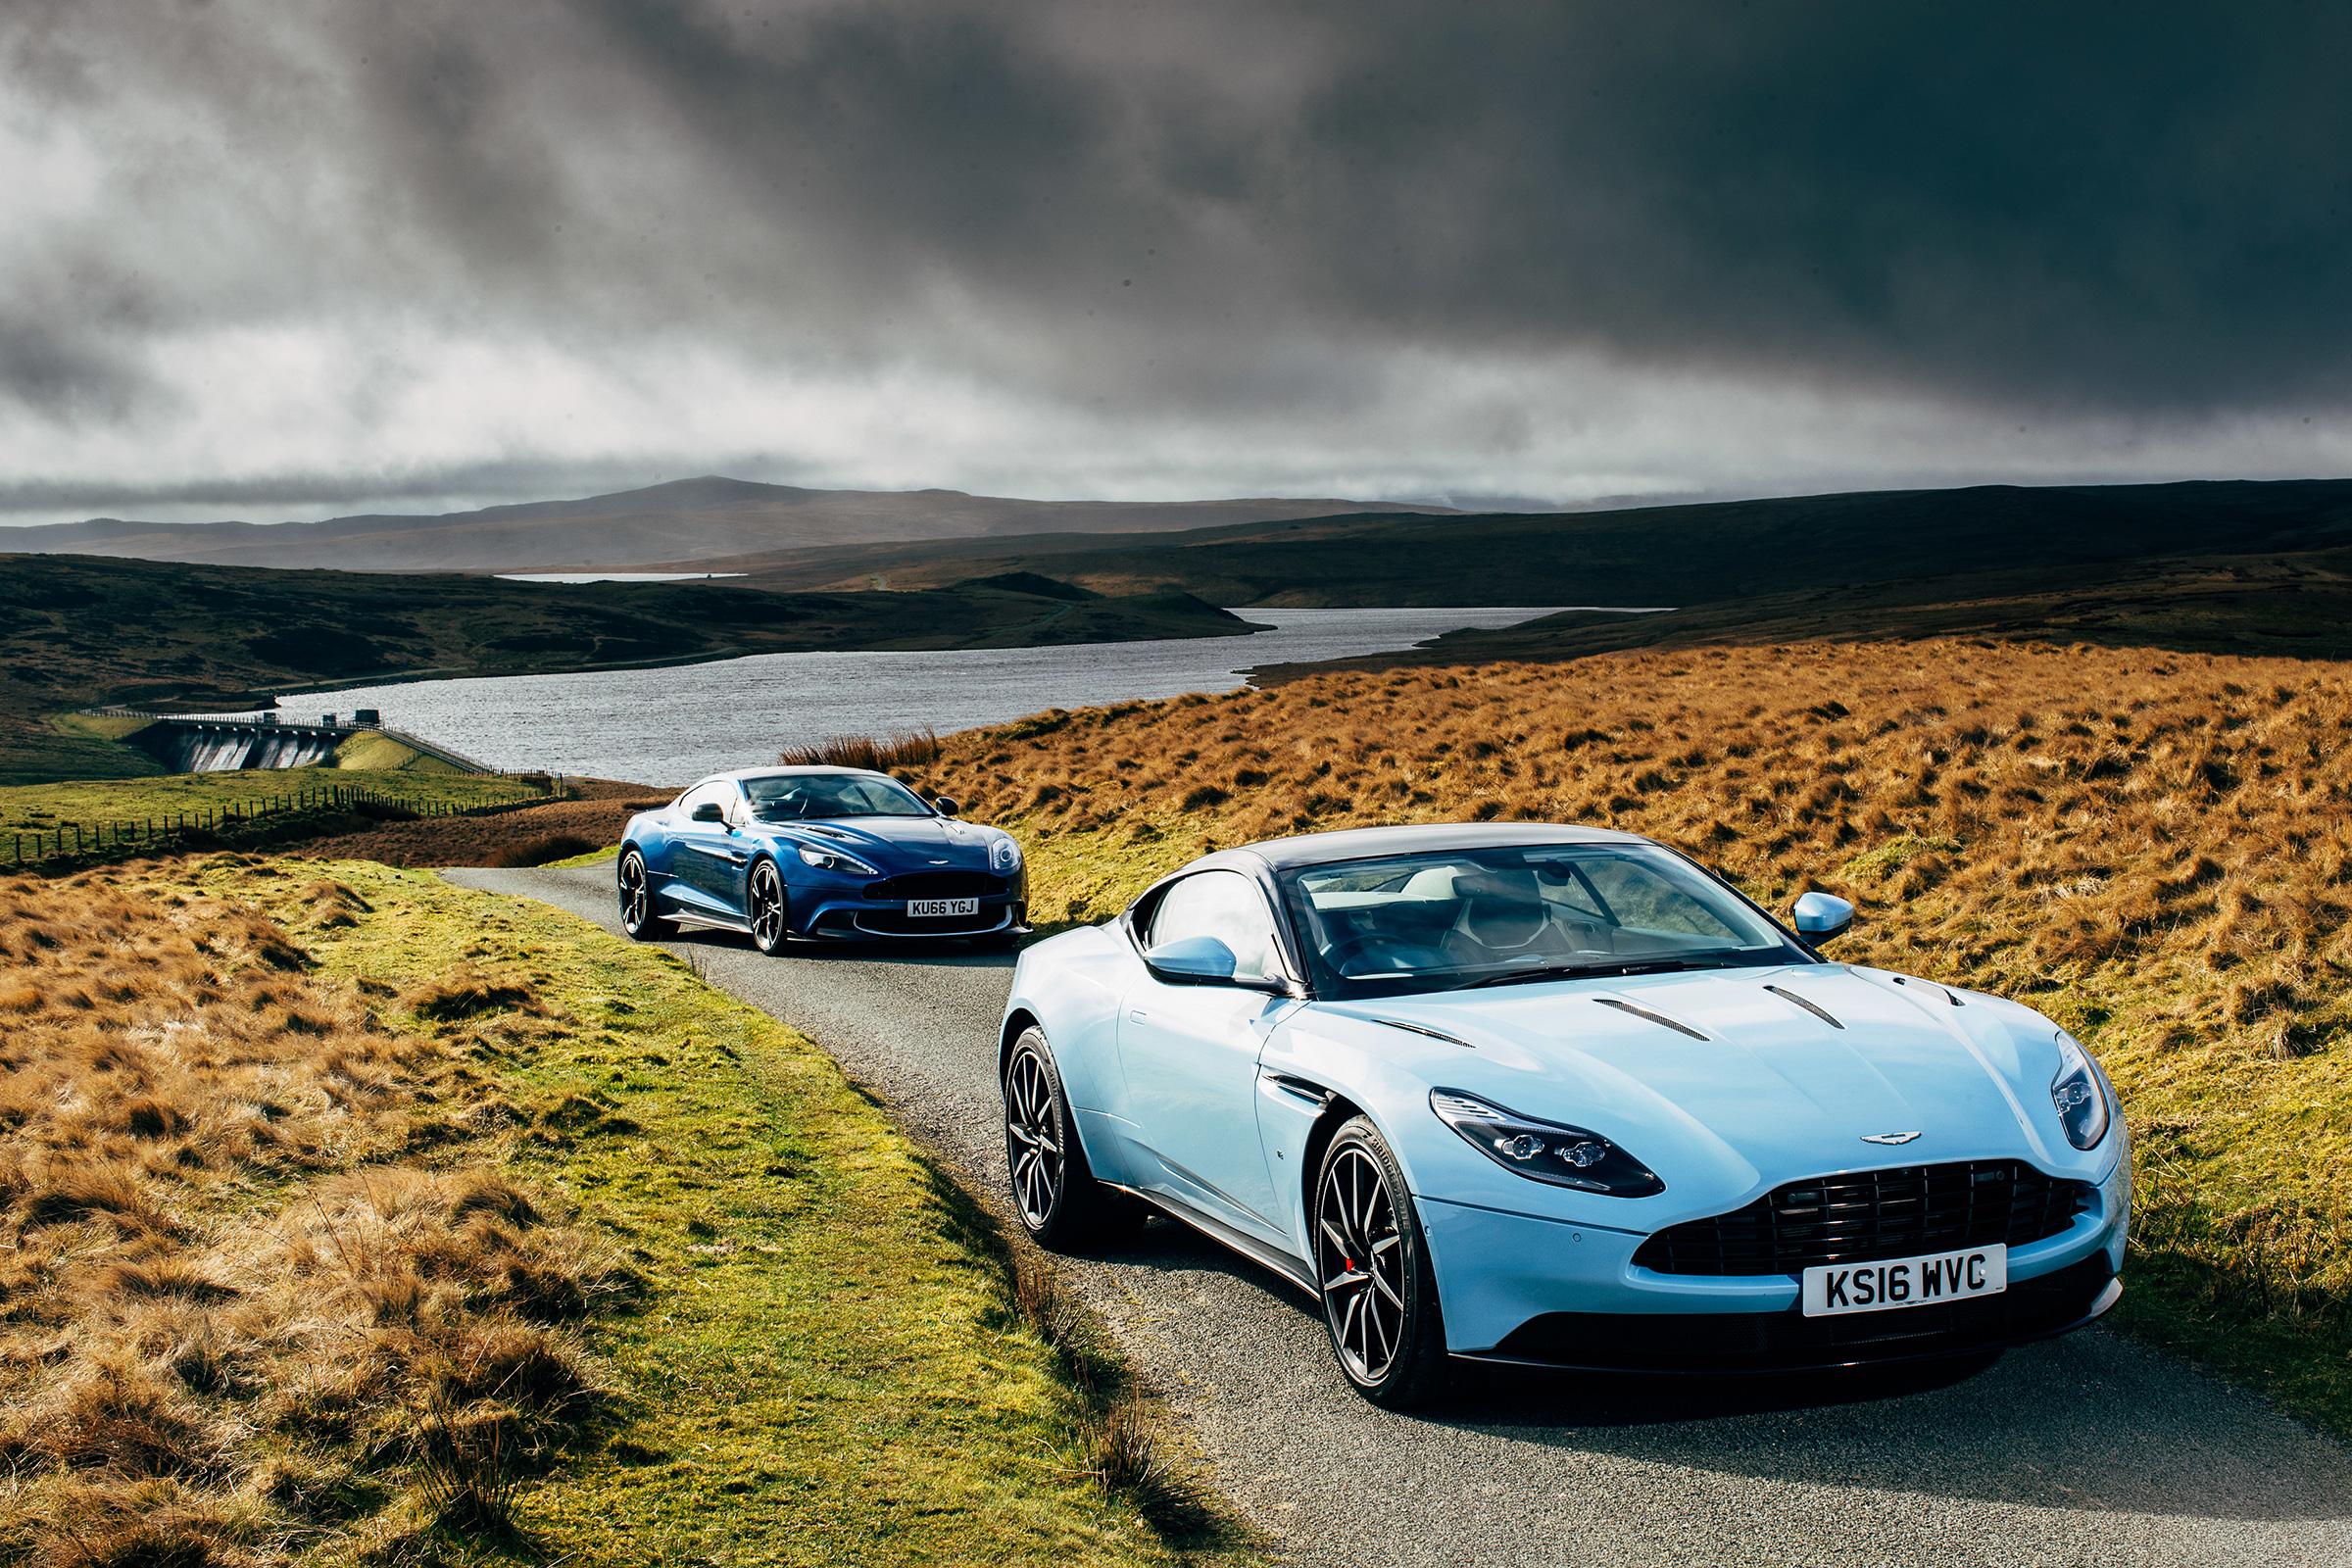 Aston Martin Db11 Vs Aston Martin Vanquish S Review Battle Of The V12s Evo